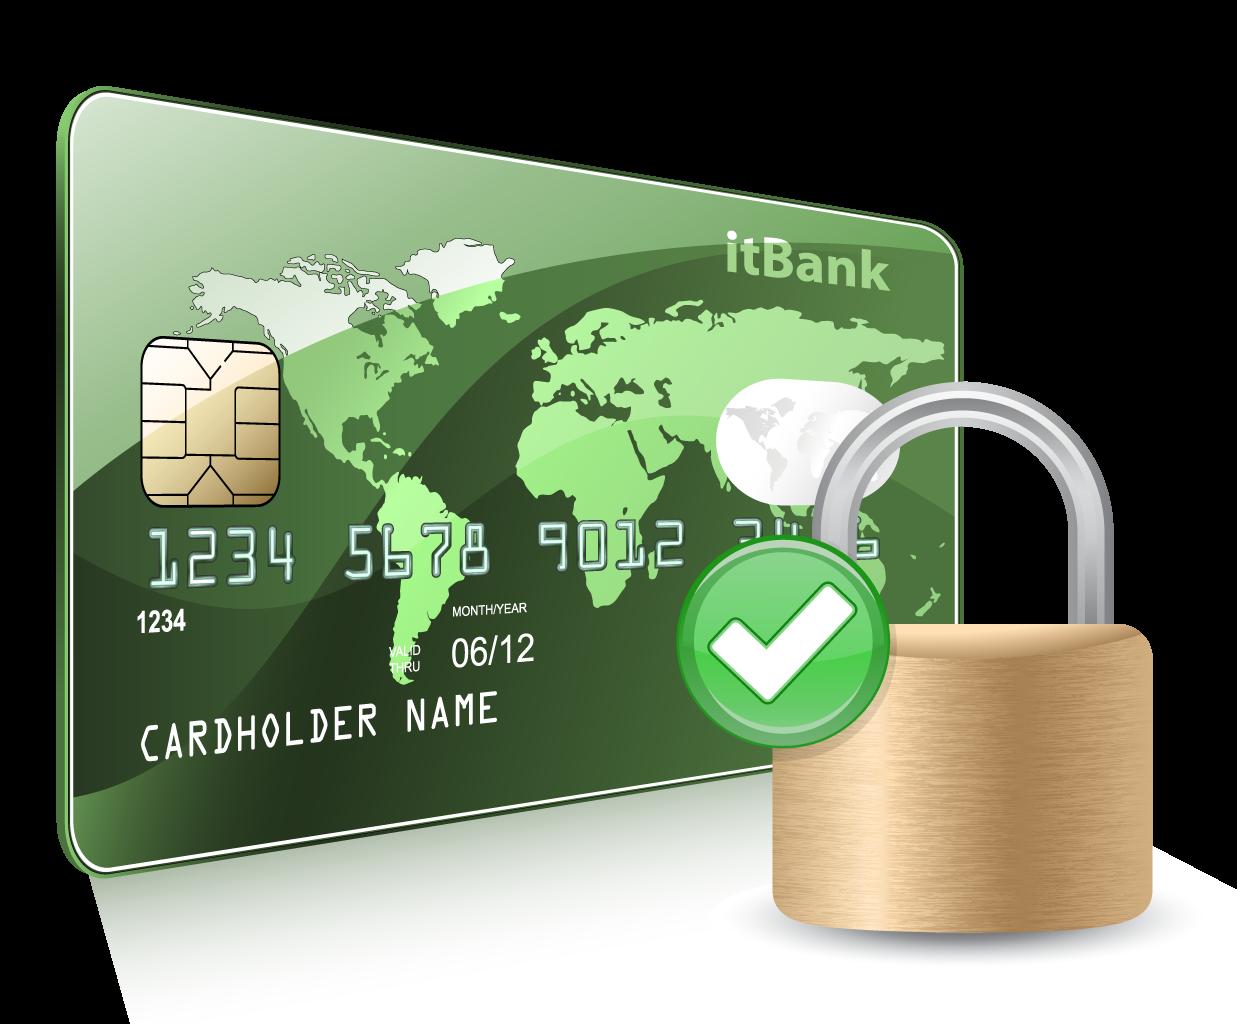 creditcard_security